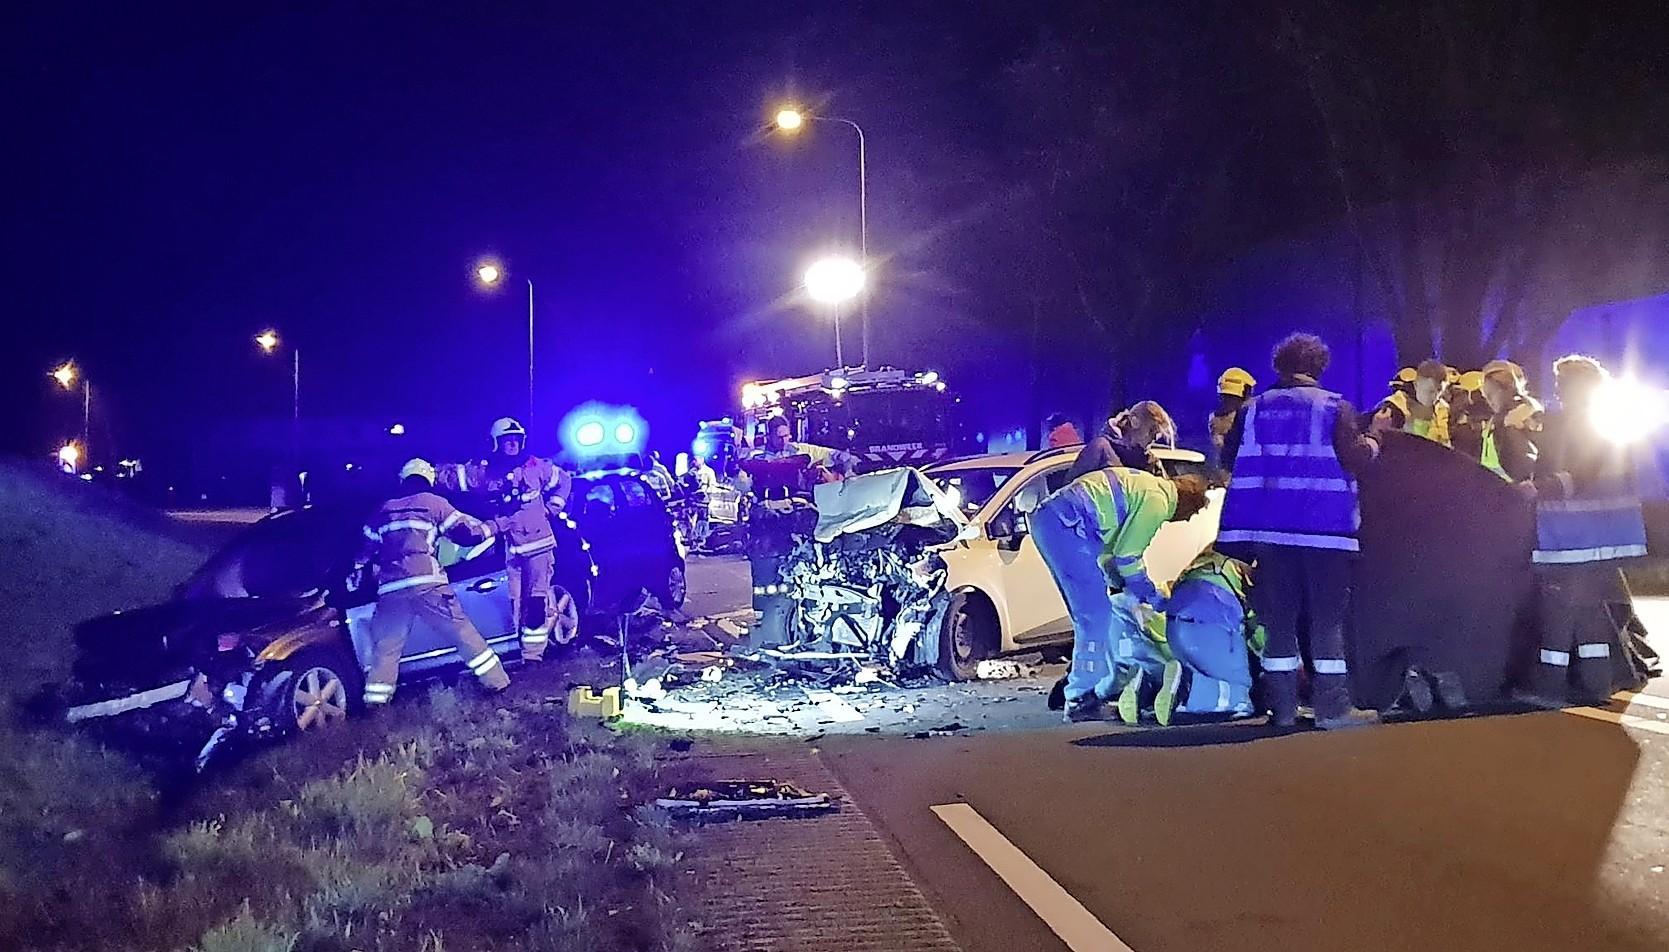 Bestuurster die dodelijk ongeval N242 heeft veroorzaakt, gaat in hoger beroep. Al is het onzeker of dat wordt doorgezet